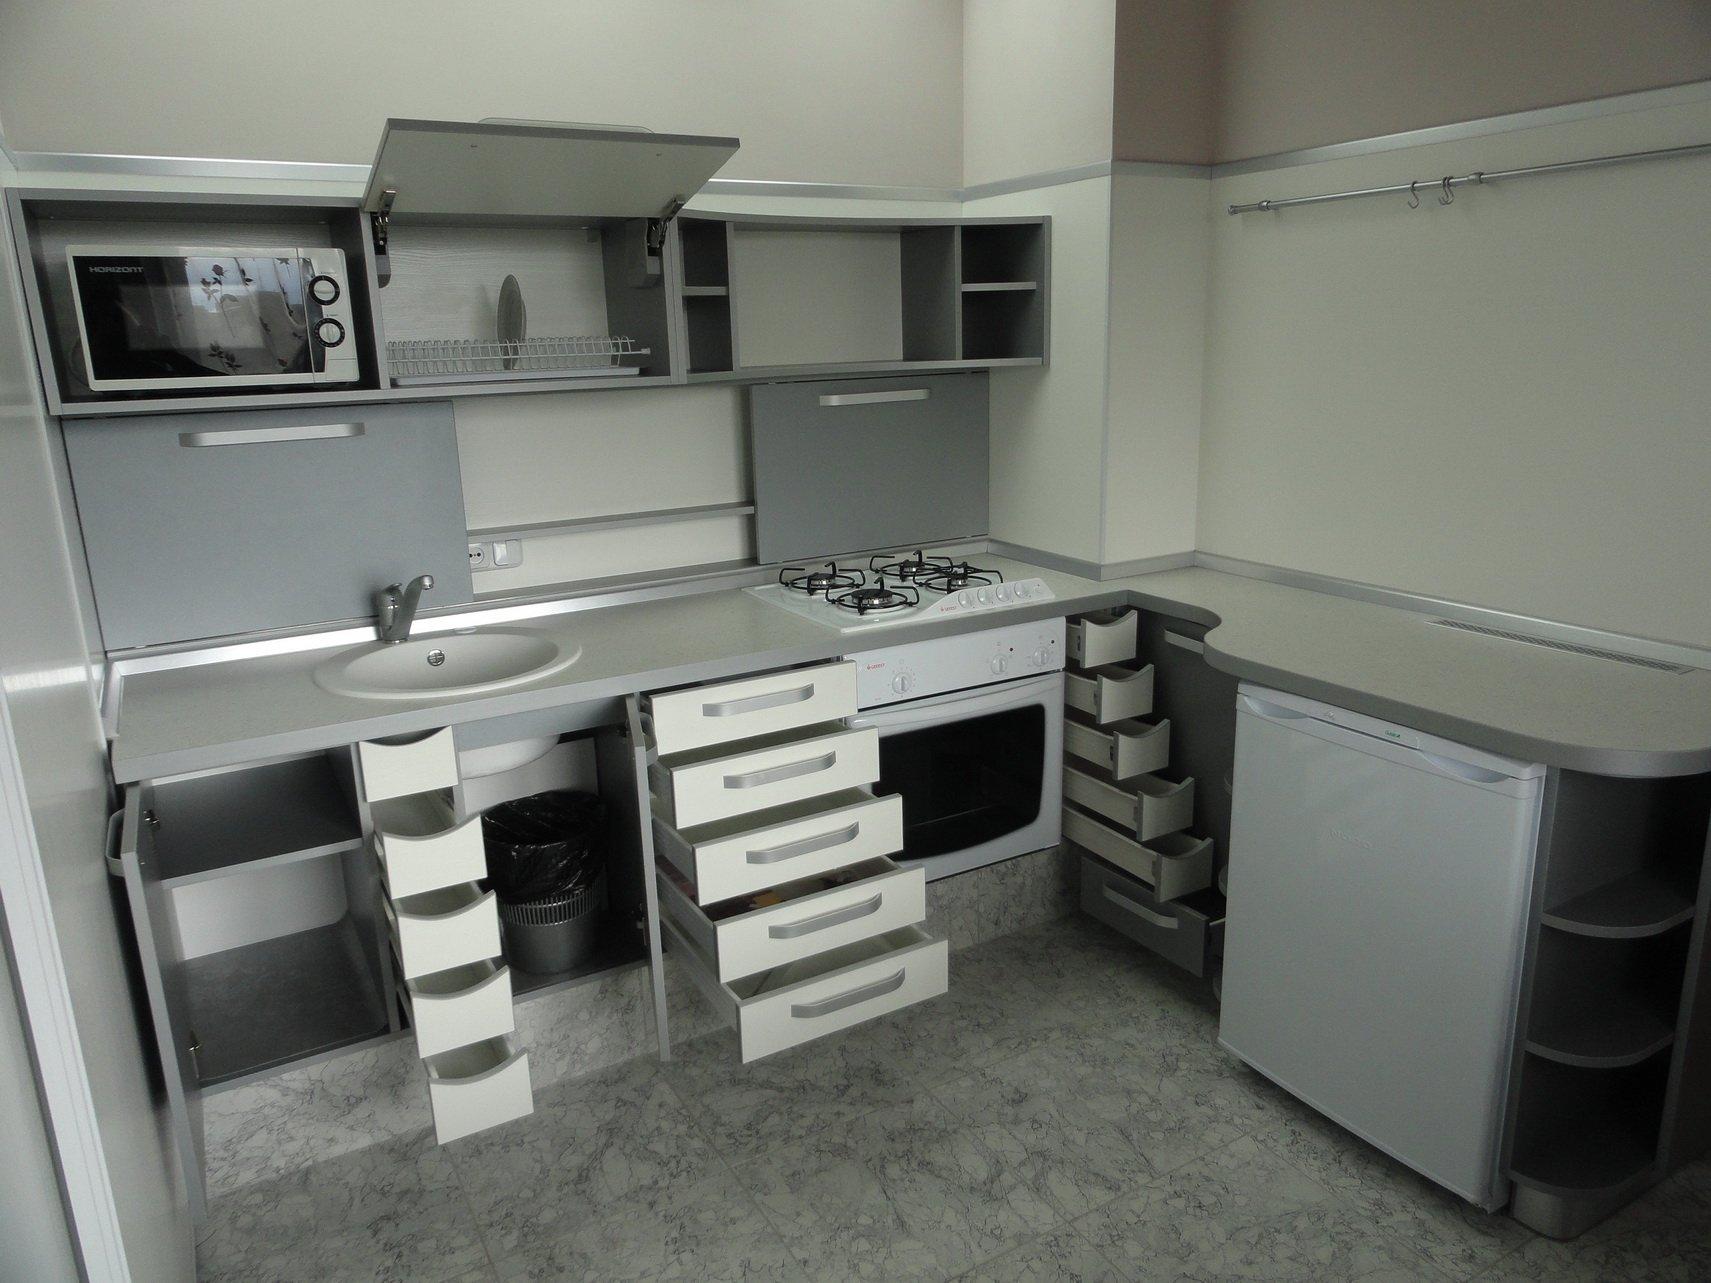 Как поменять фасады на кухонном гарнитуре